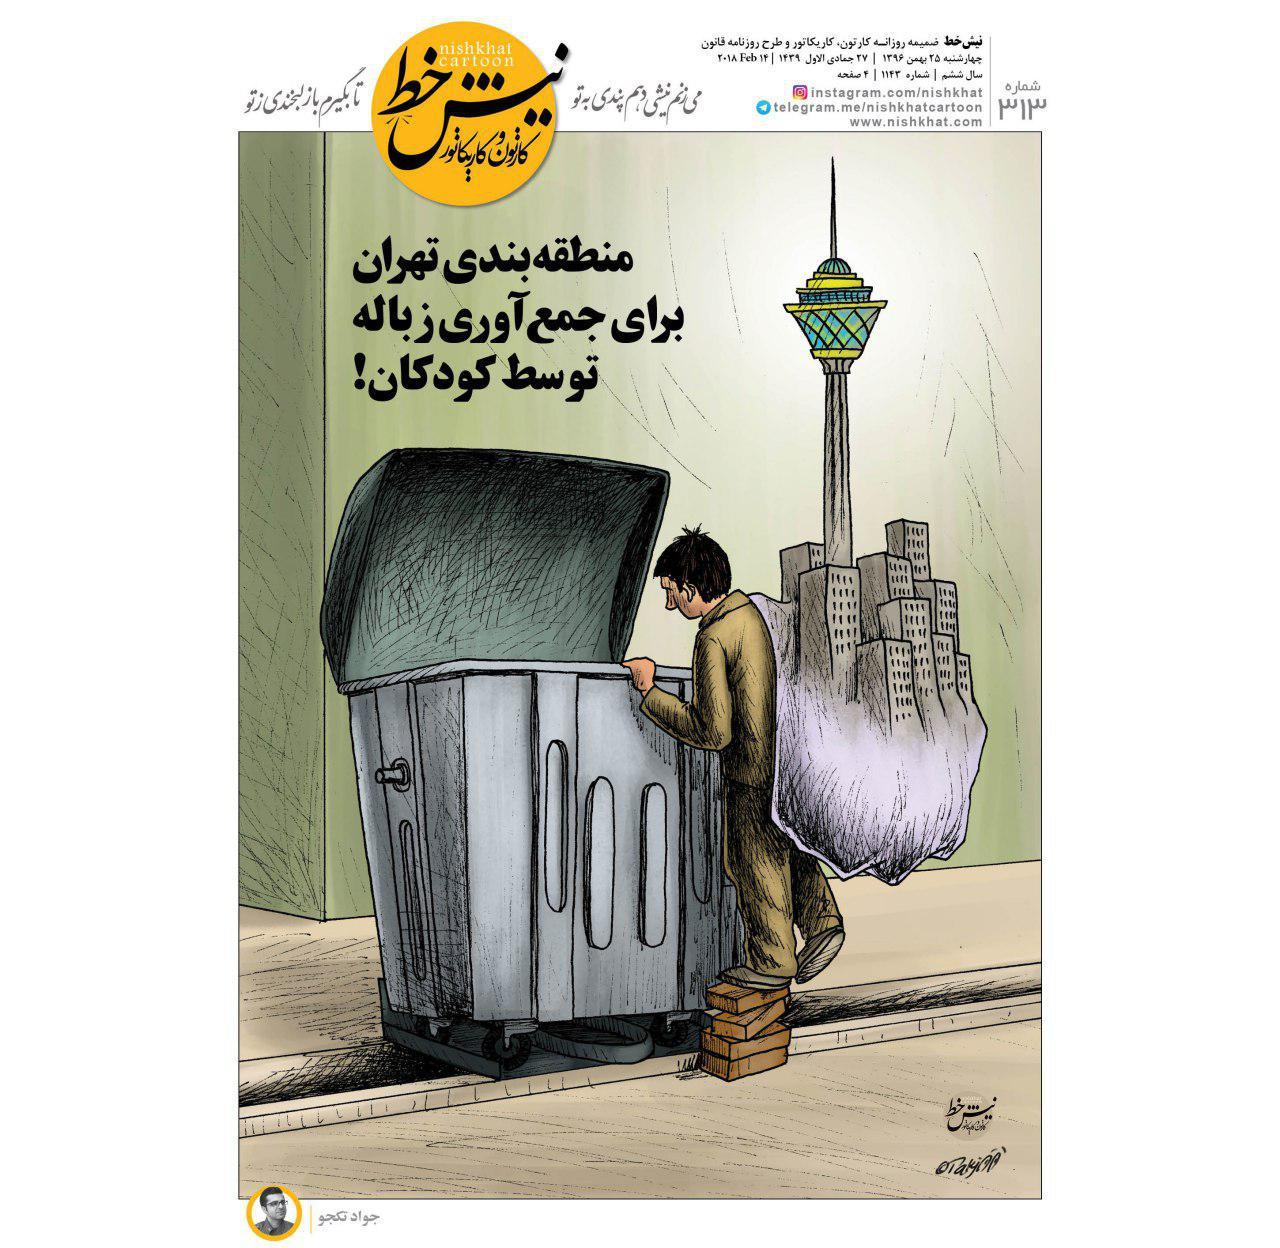 نیشخط کارتون/منطقه بندی تهران برای جمع آوری زباله توسط کودکان